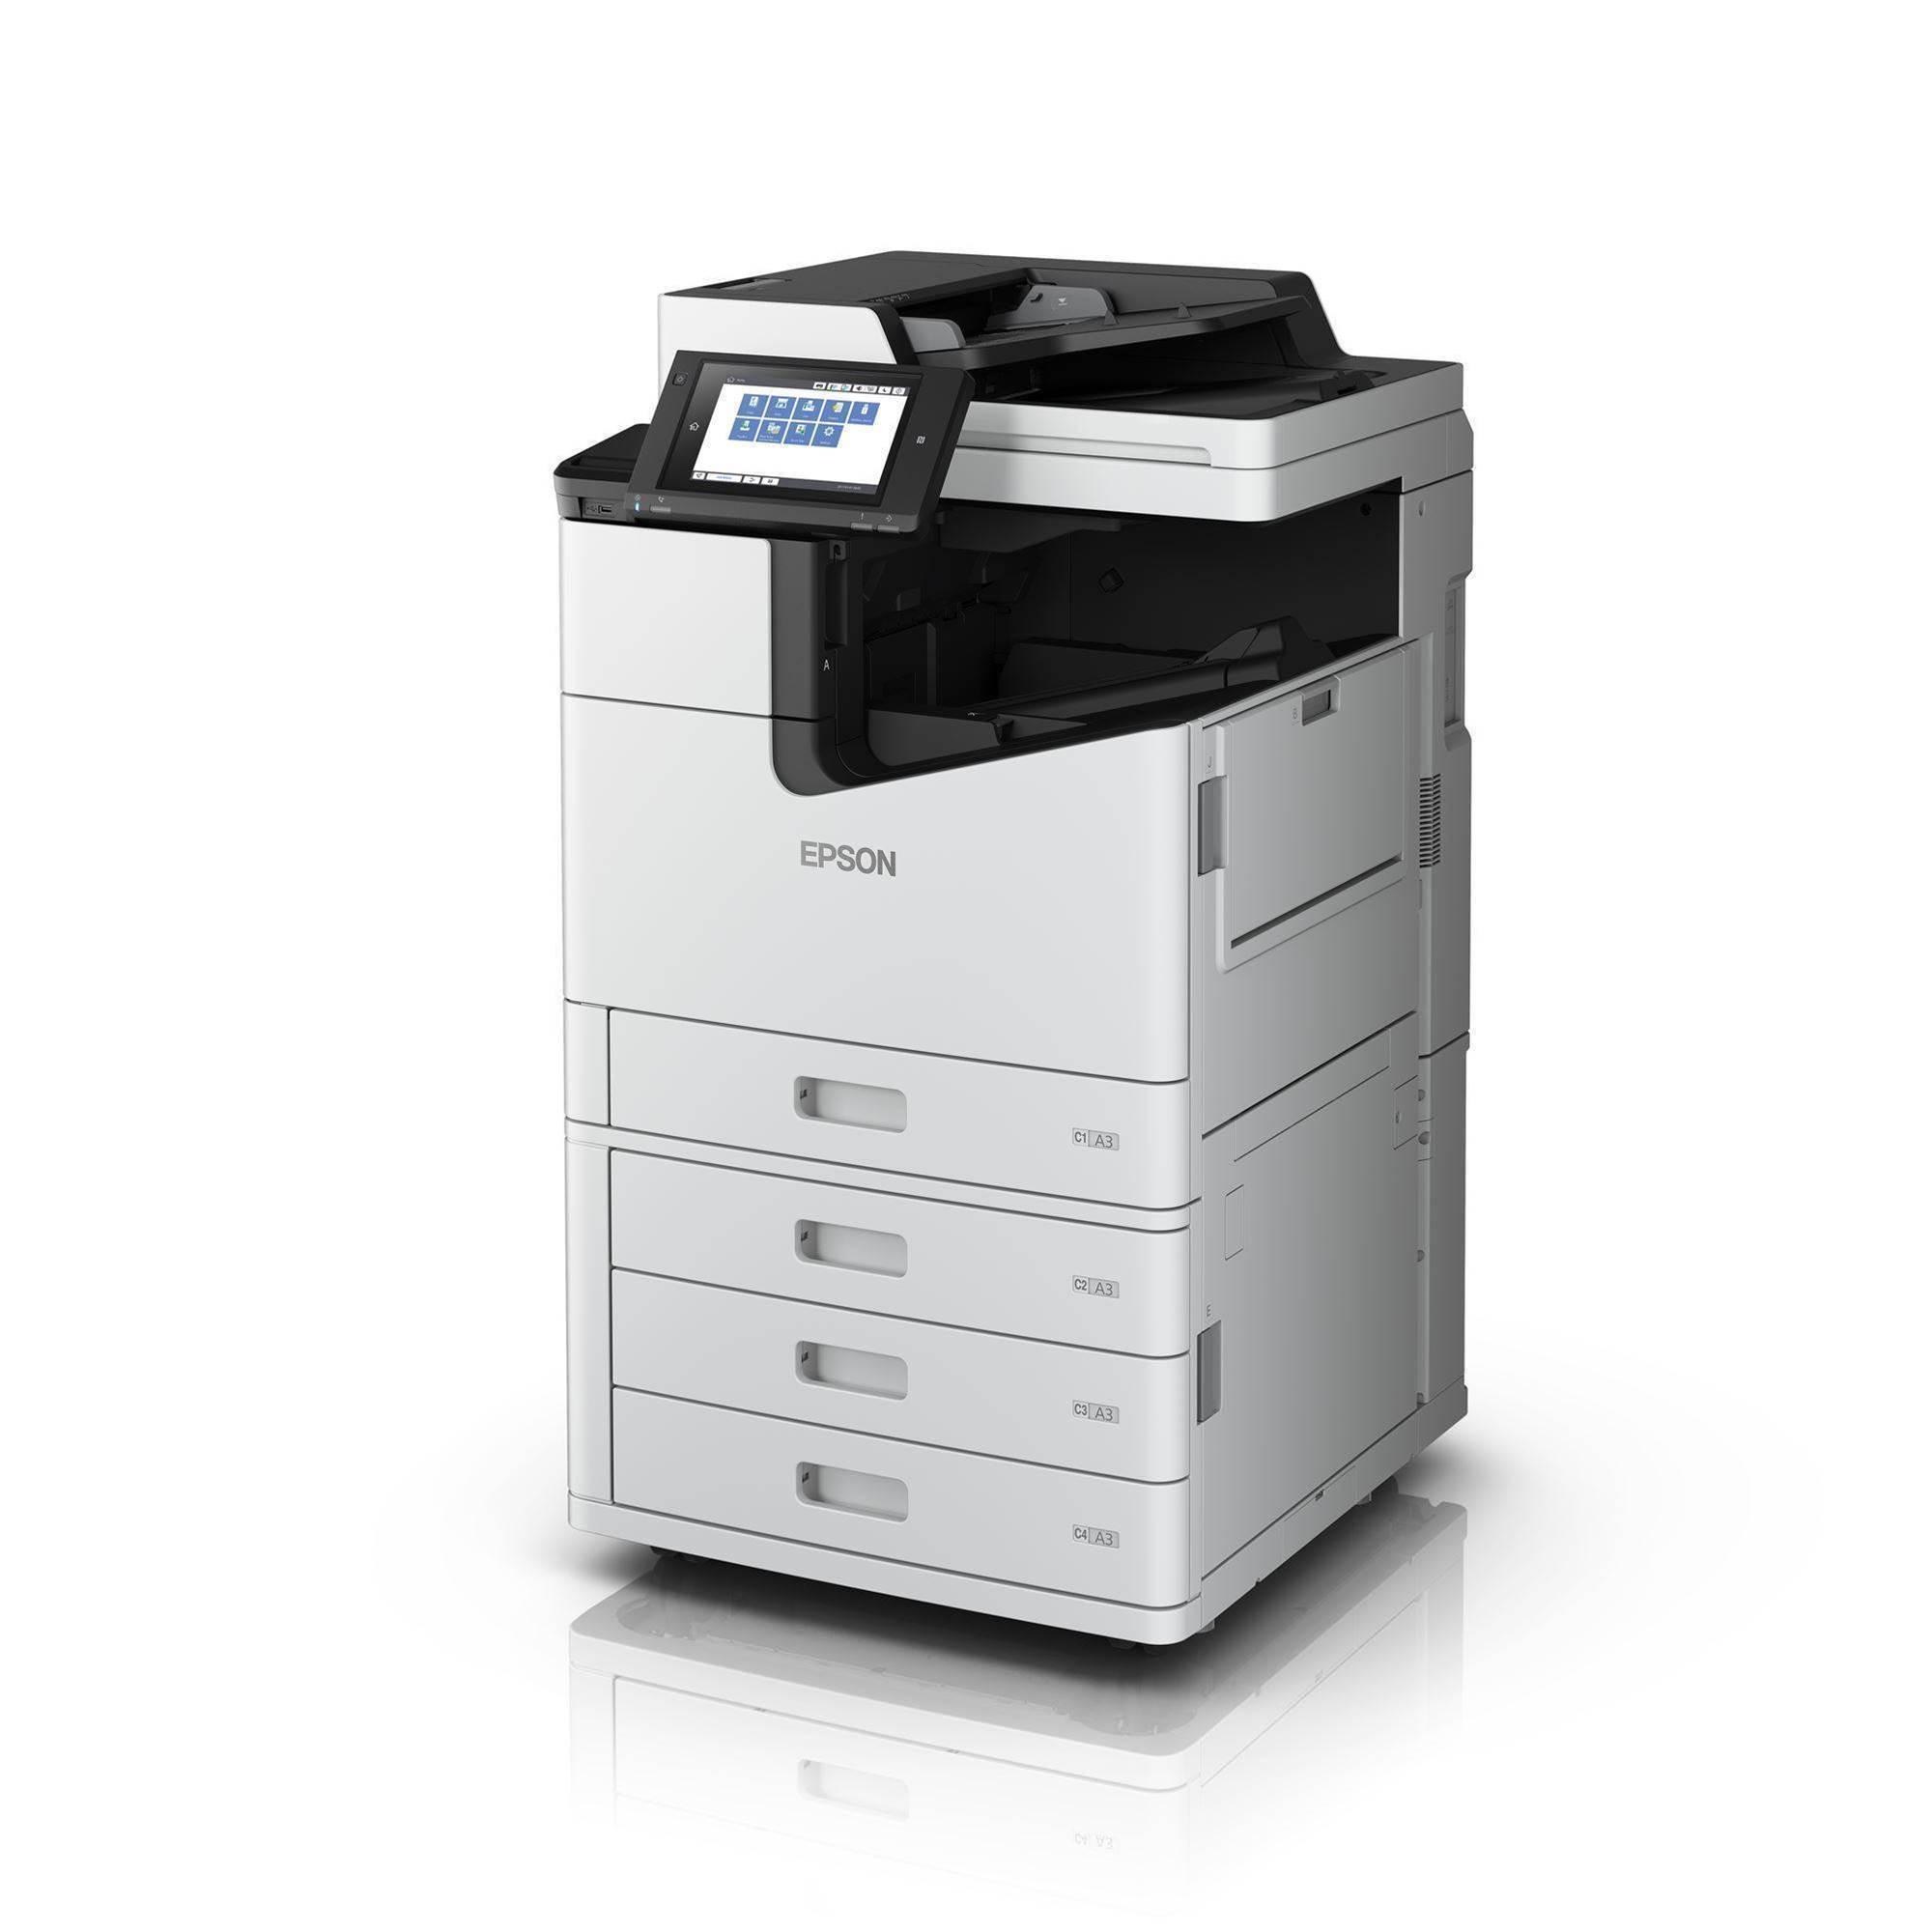 Epson unveils 100ppm enterprise colour printer